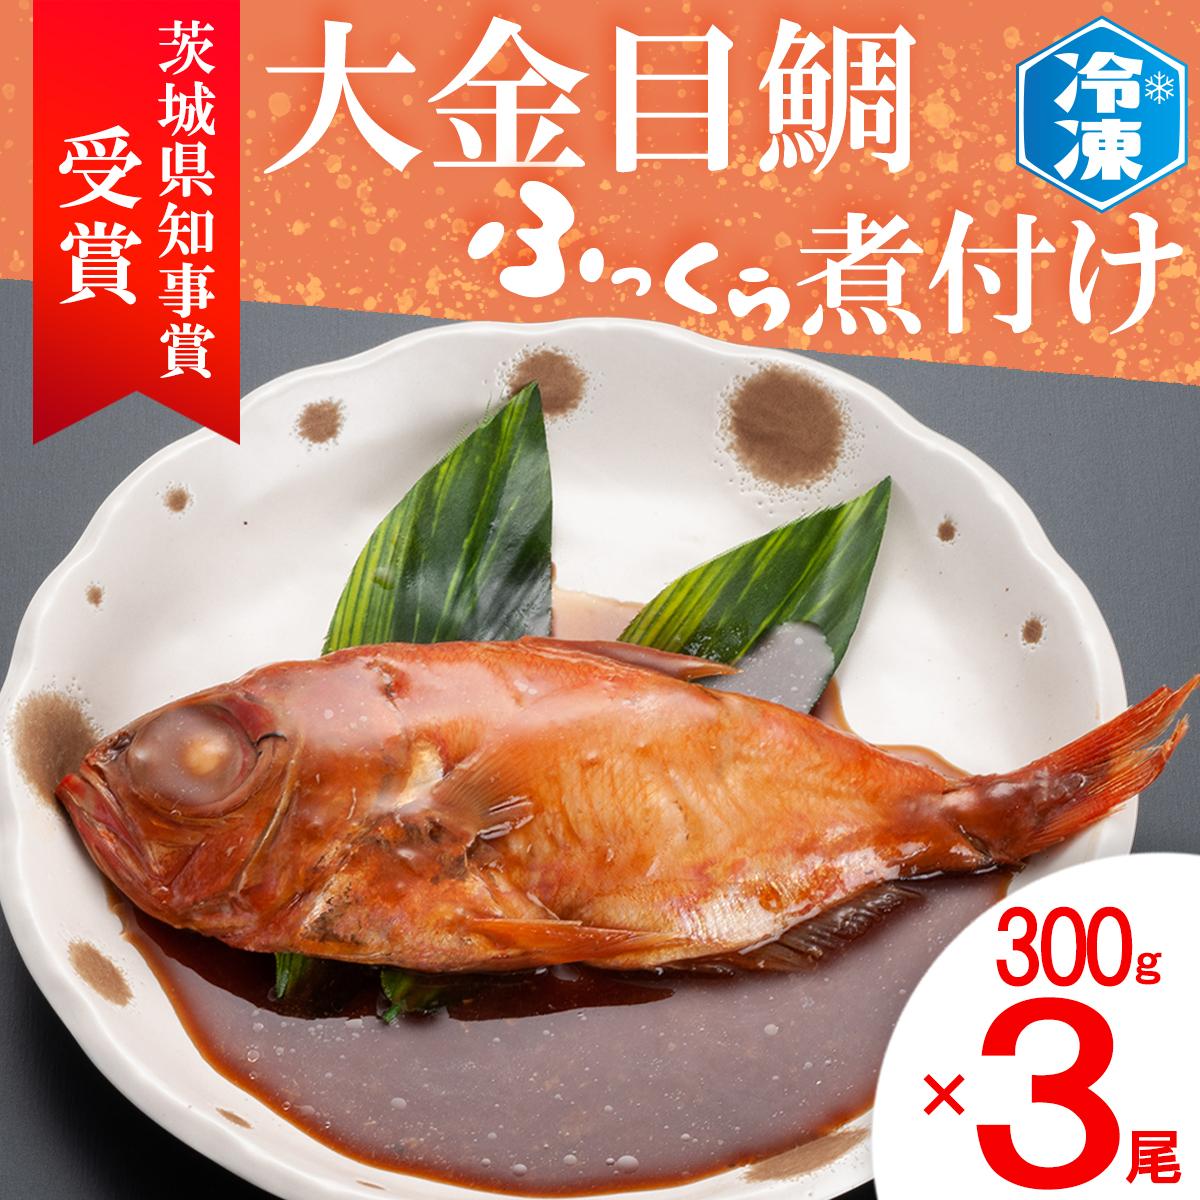 オリジナル ふるさと納税 新着セール AB004_茨城県知事賞受賞 大金目鯛ふっくら煮付け